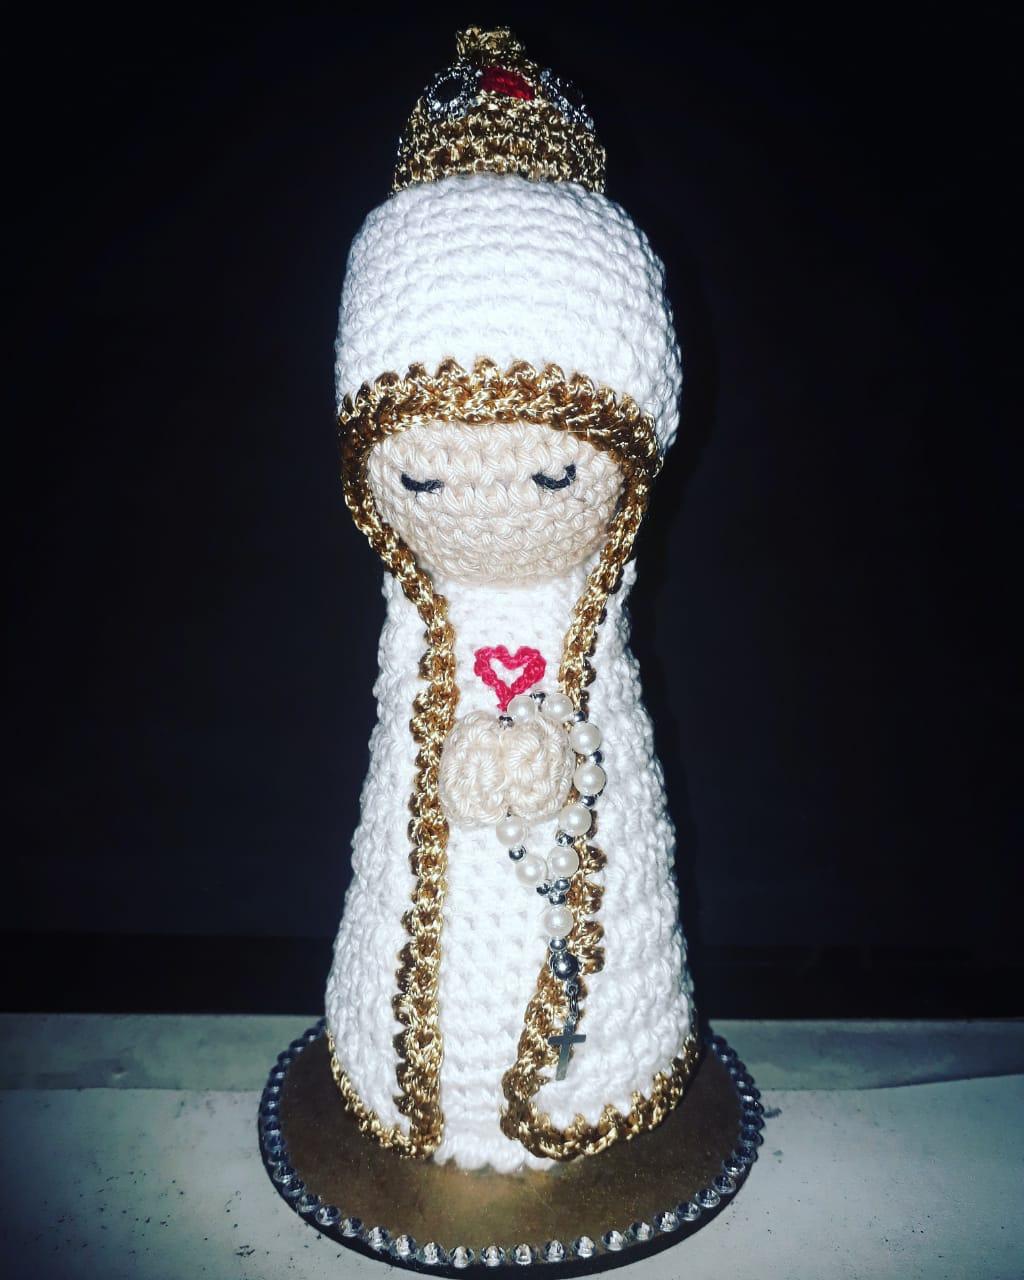 P173 - Nossa Senhora Fatima Crochê 19cm  - VindVedShop - Distribuidora Catolica